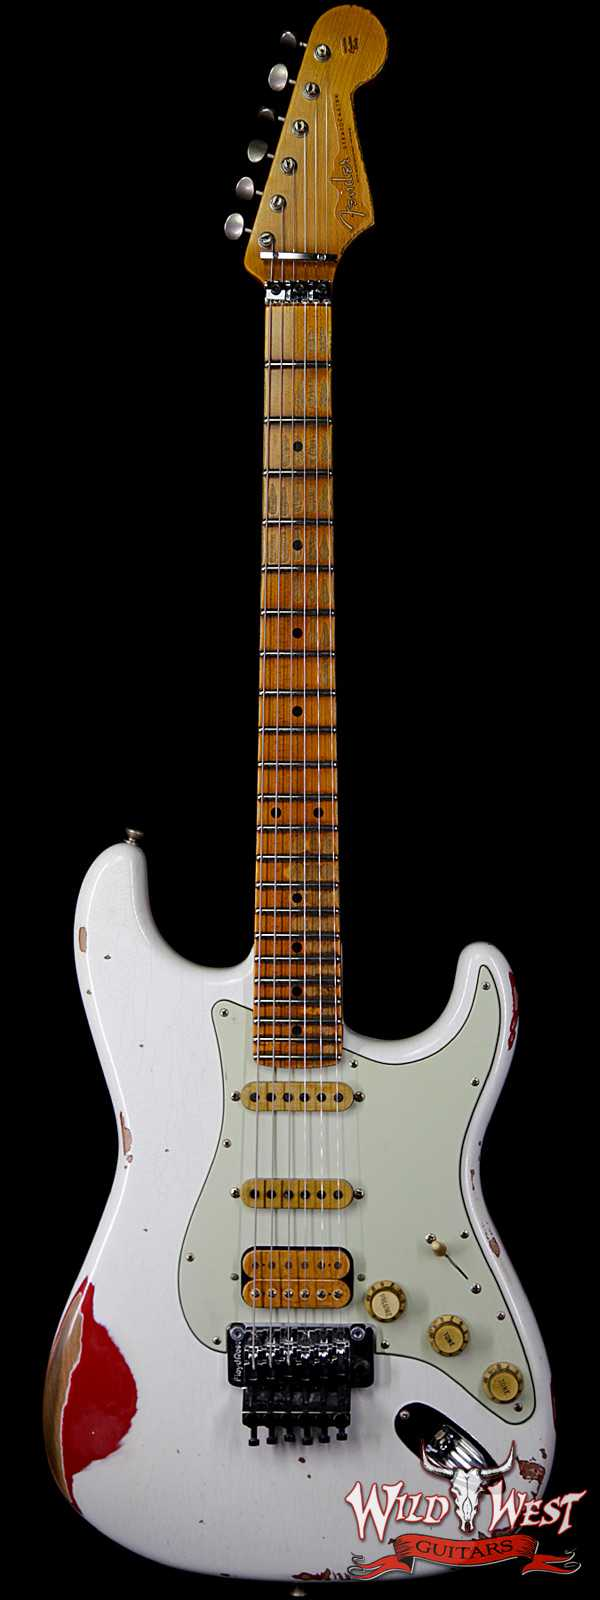 Fender Custom Shop White Lightning Straocastser Floyd Rose HSS Maple Neck 22 Frets Torino Red